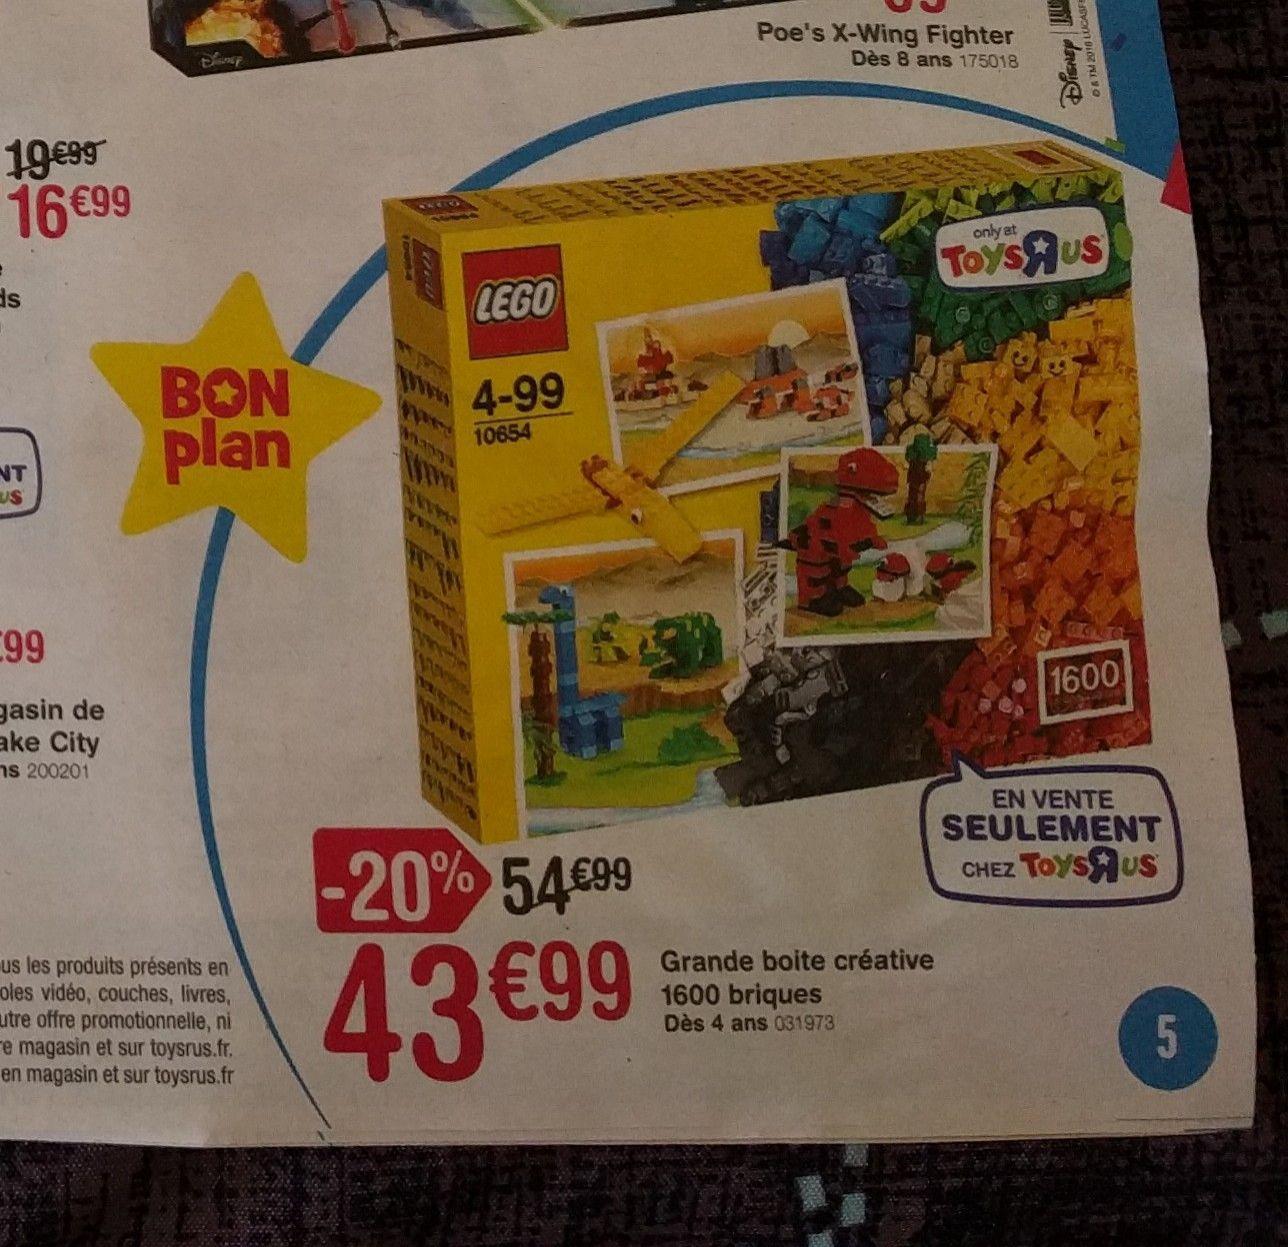 Jeu de construction Lego Boite XL avec 1600 pièces - n°10654